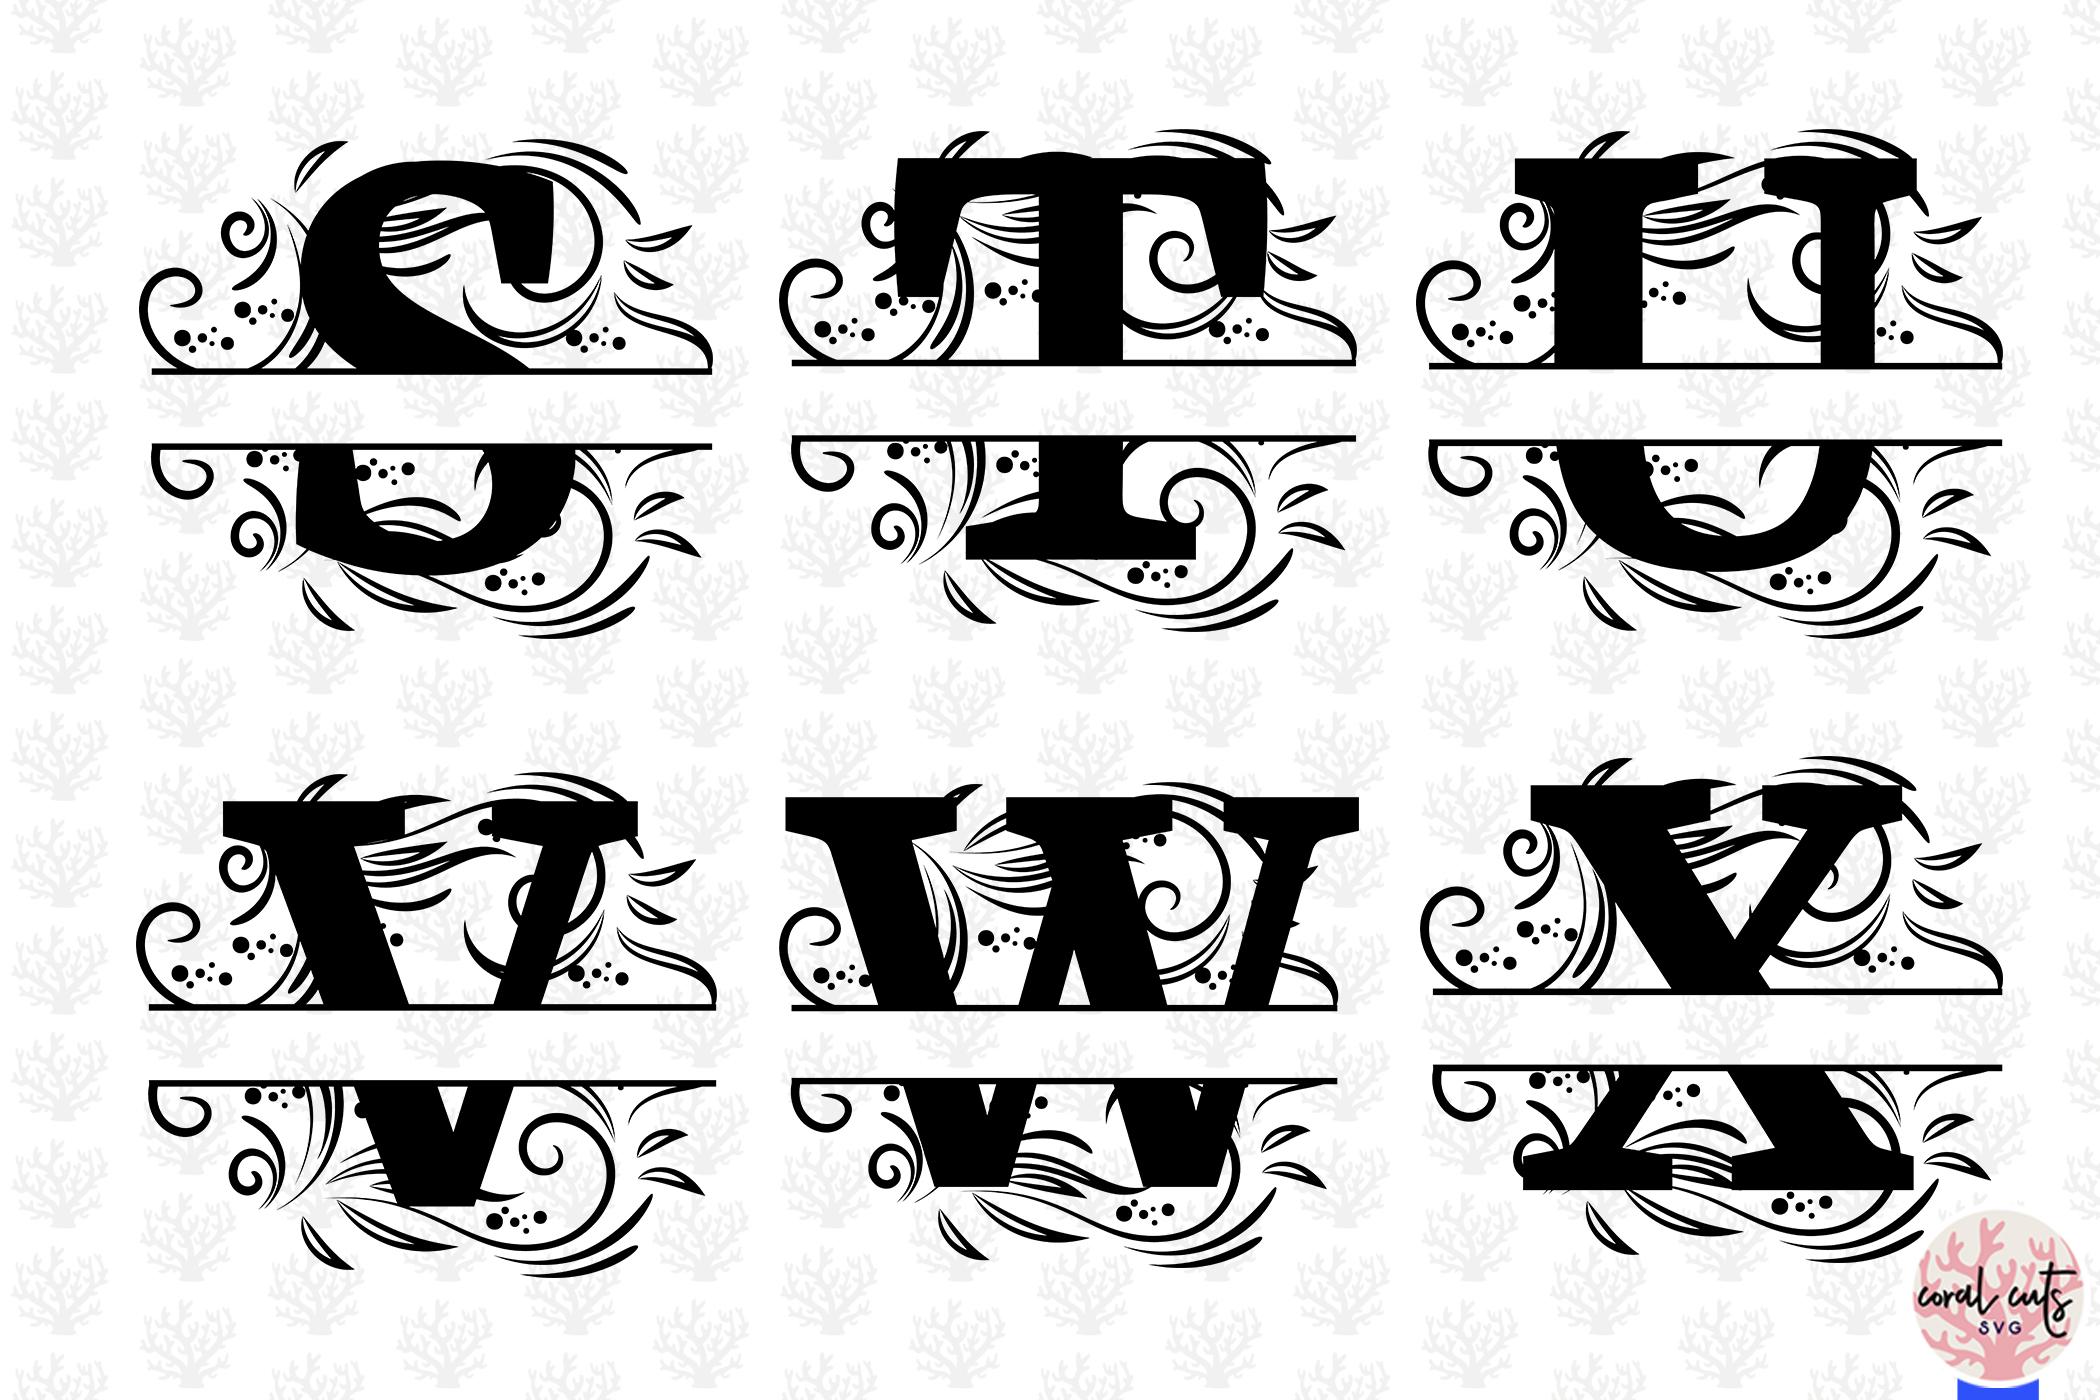 Floral Split Alphabet Monogram - Svg EPS DXF PNG File example image 5